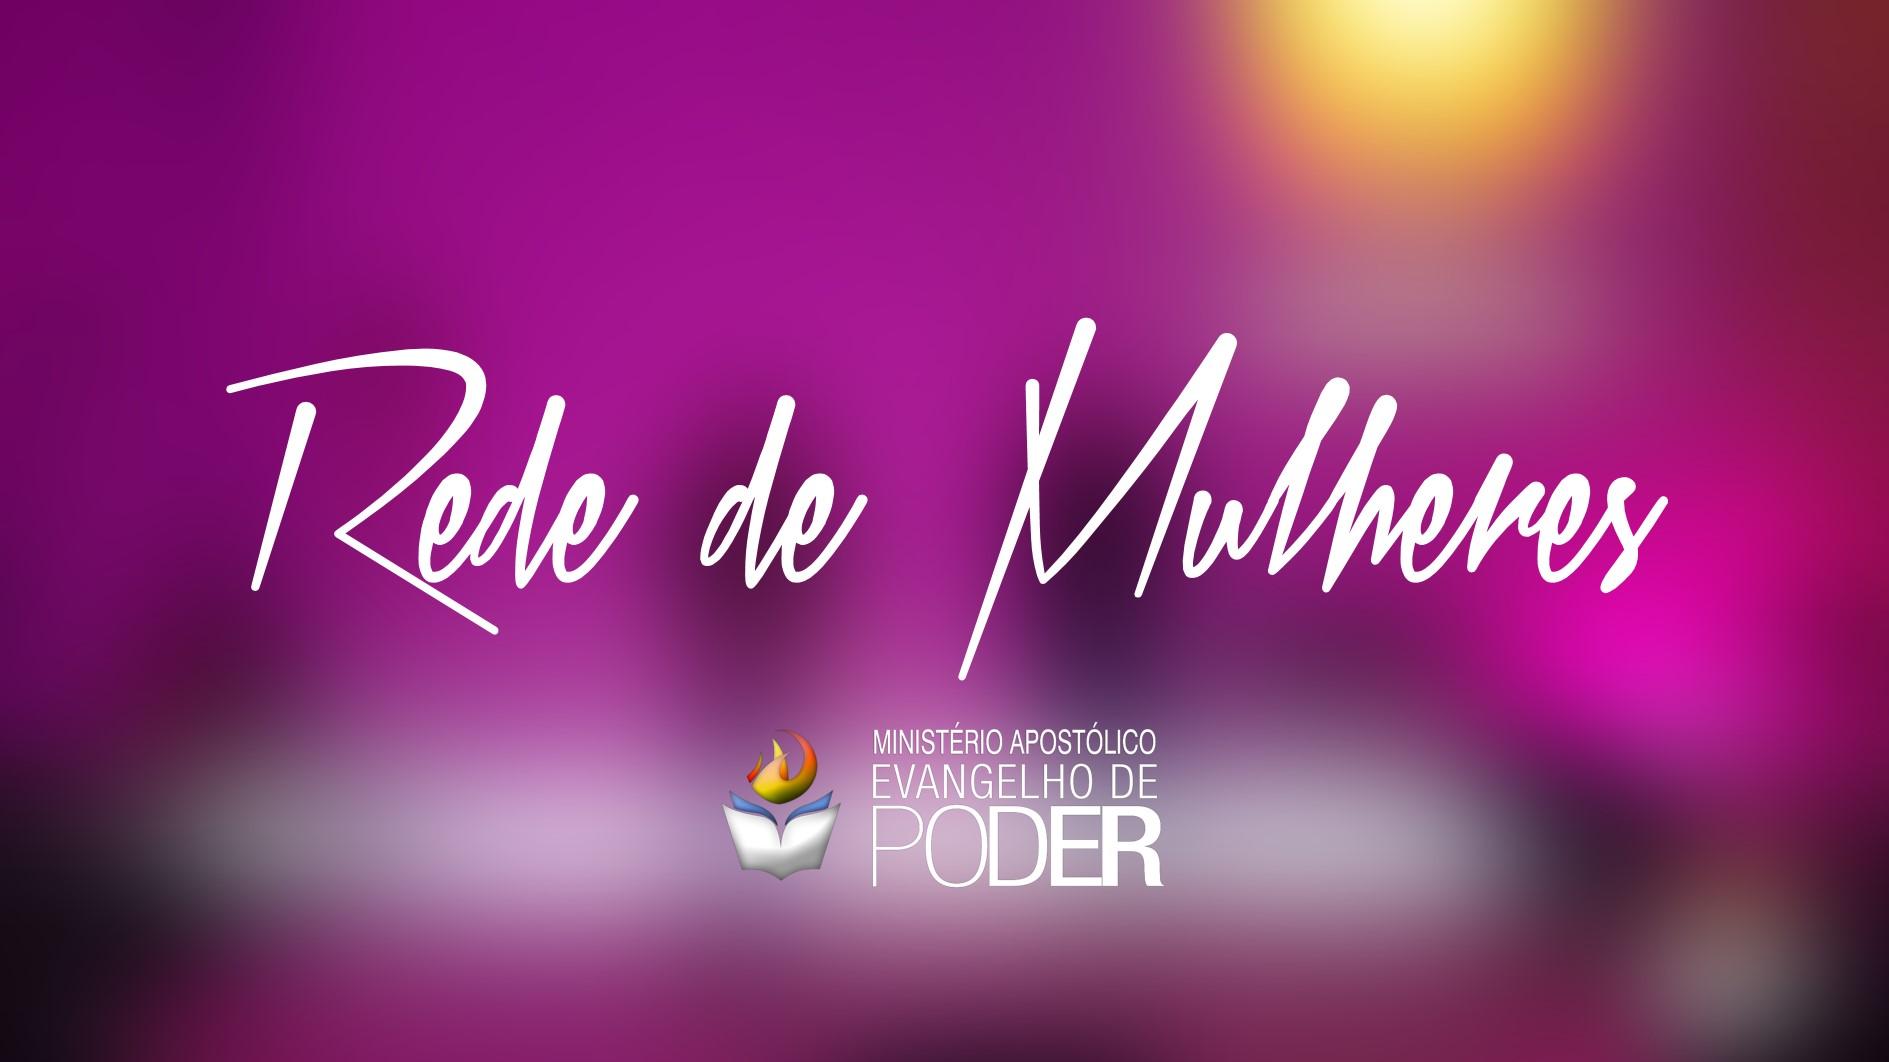 REDE DE MULHERES (MAIO 2017)